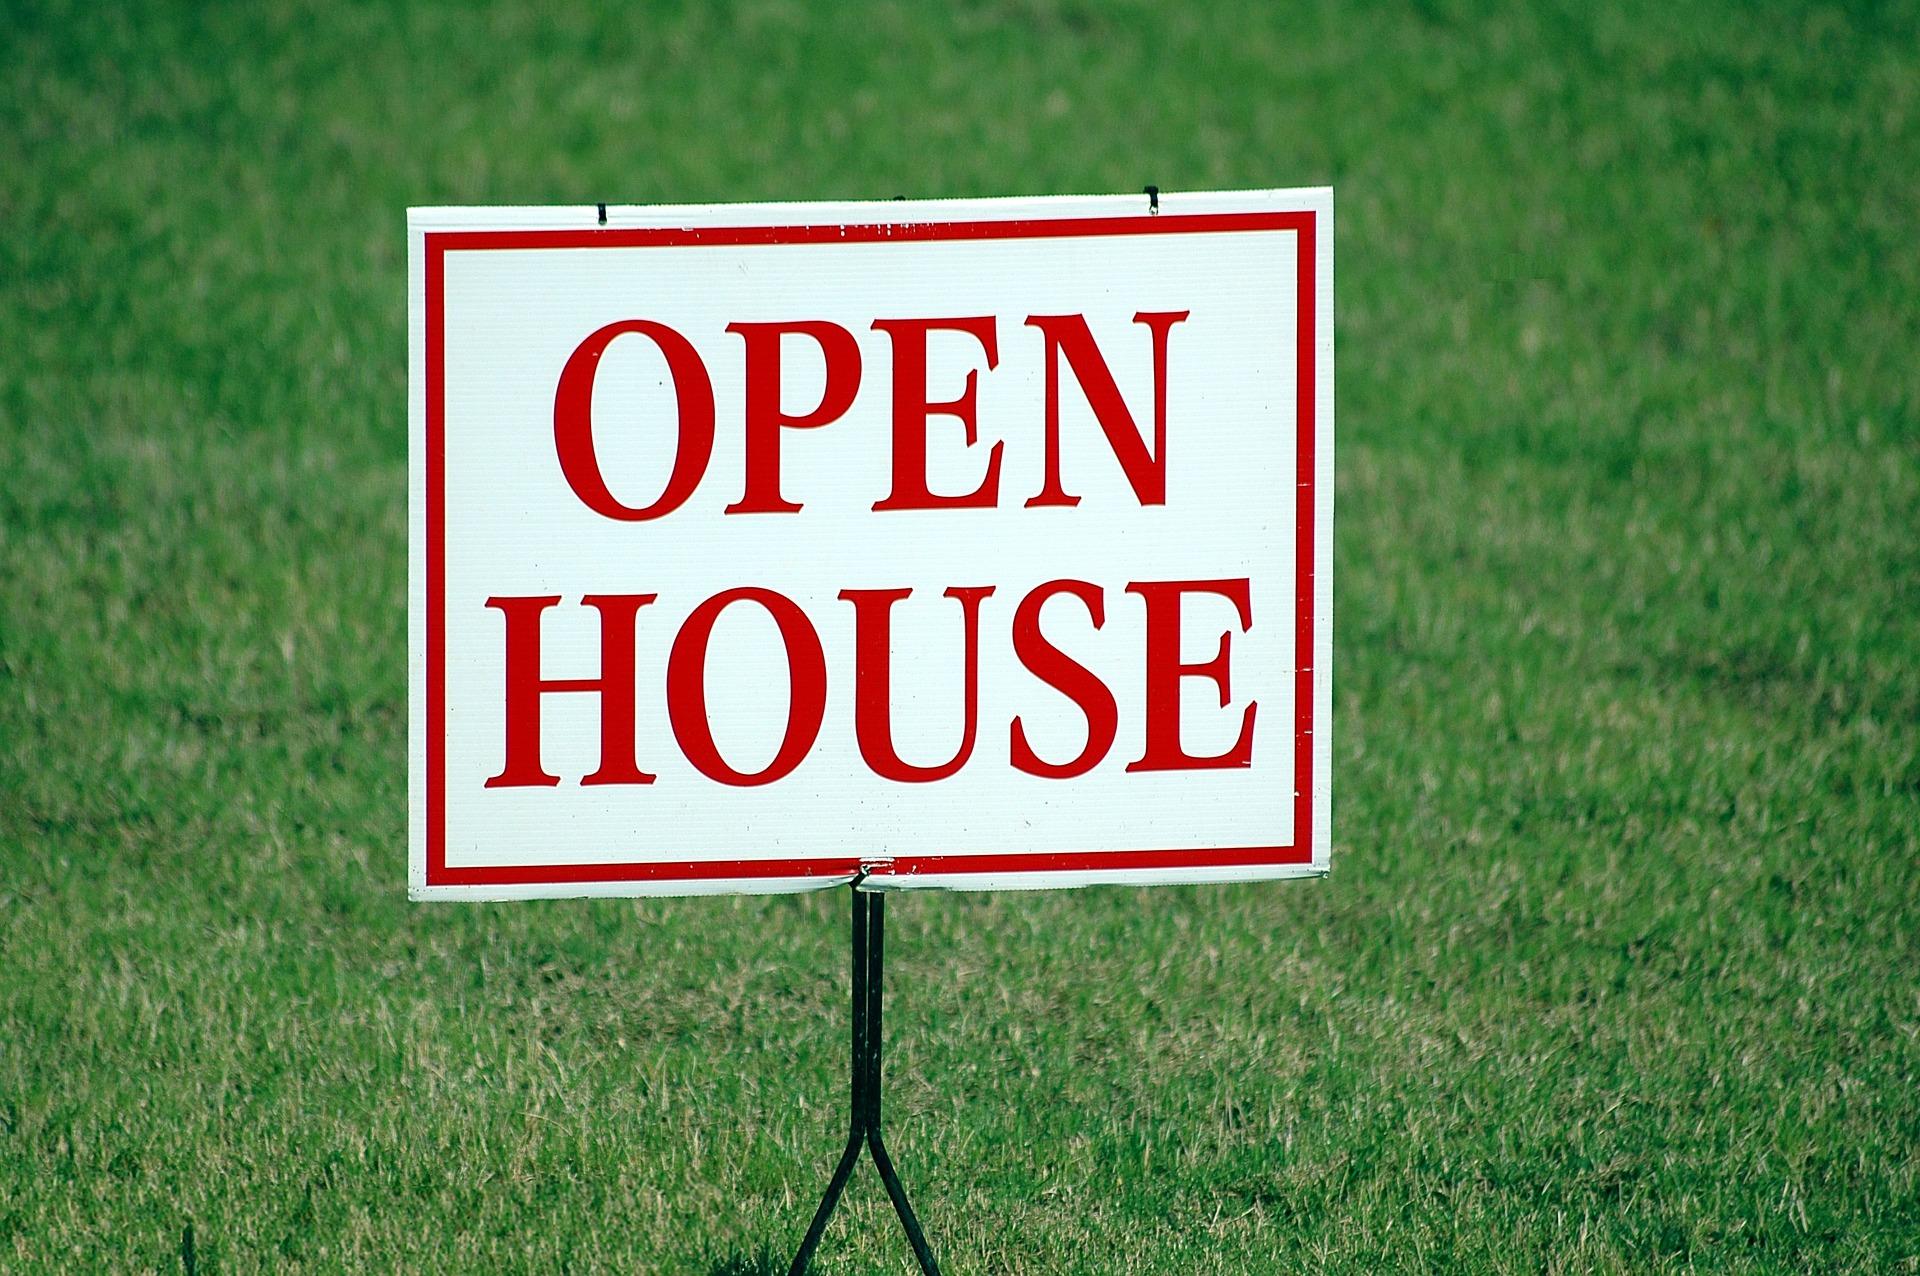 open-house-2328984_1920.jpg